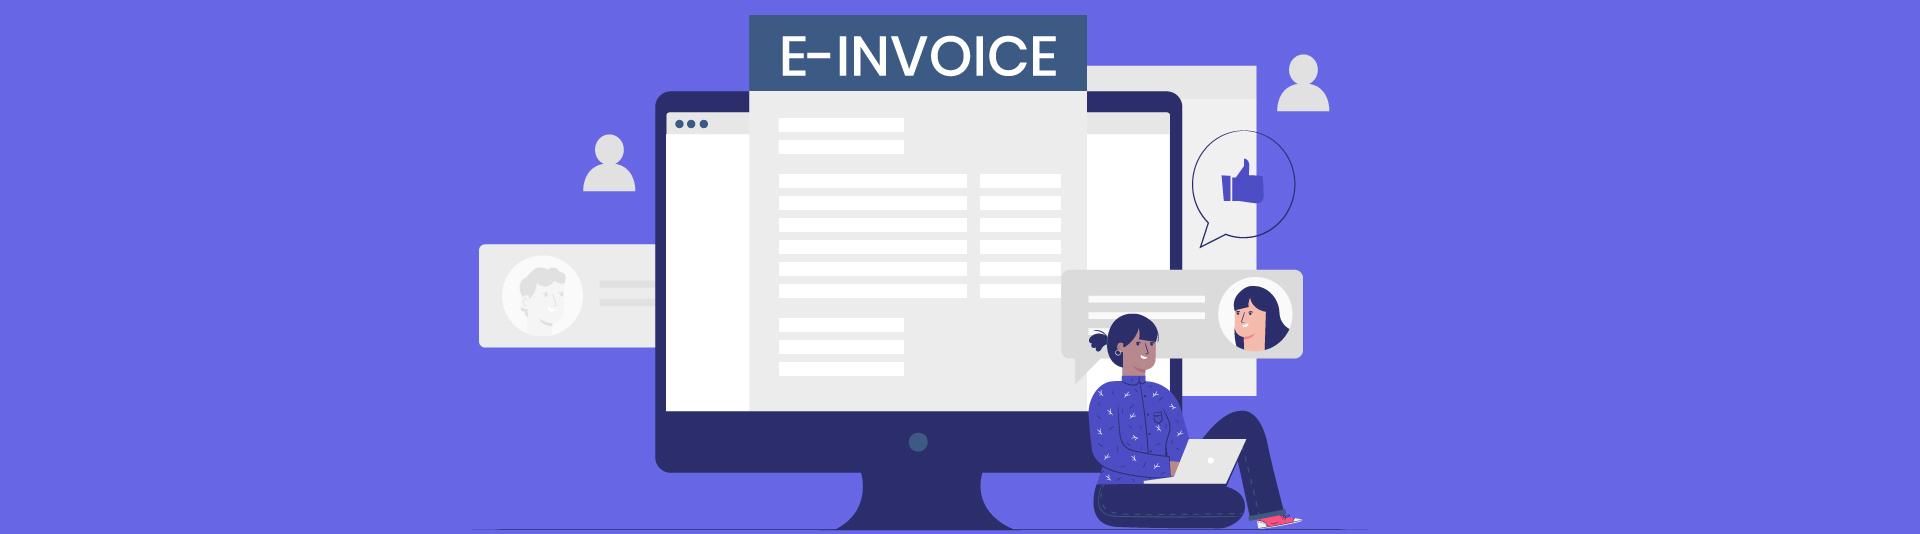 e invoicing